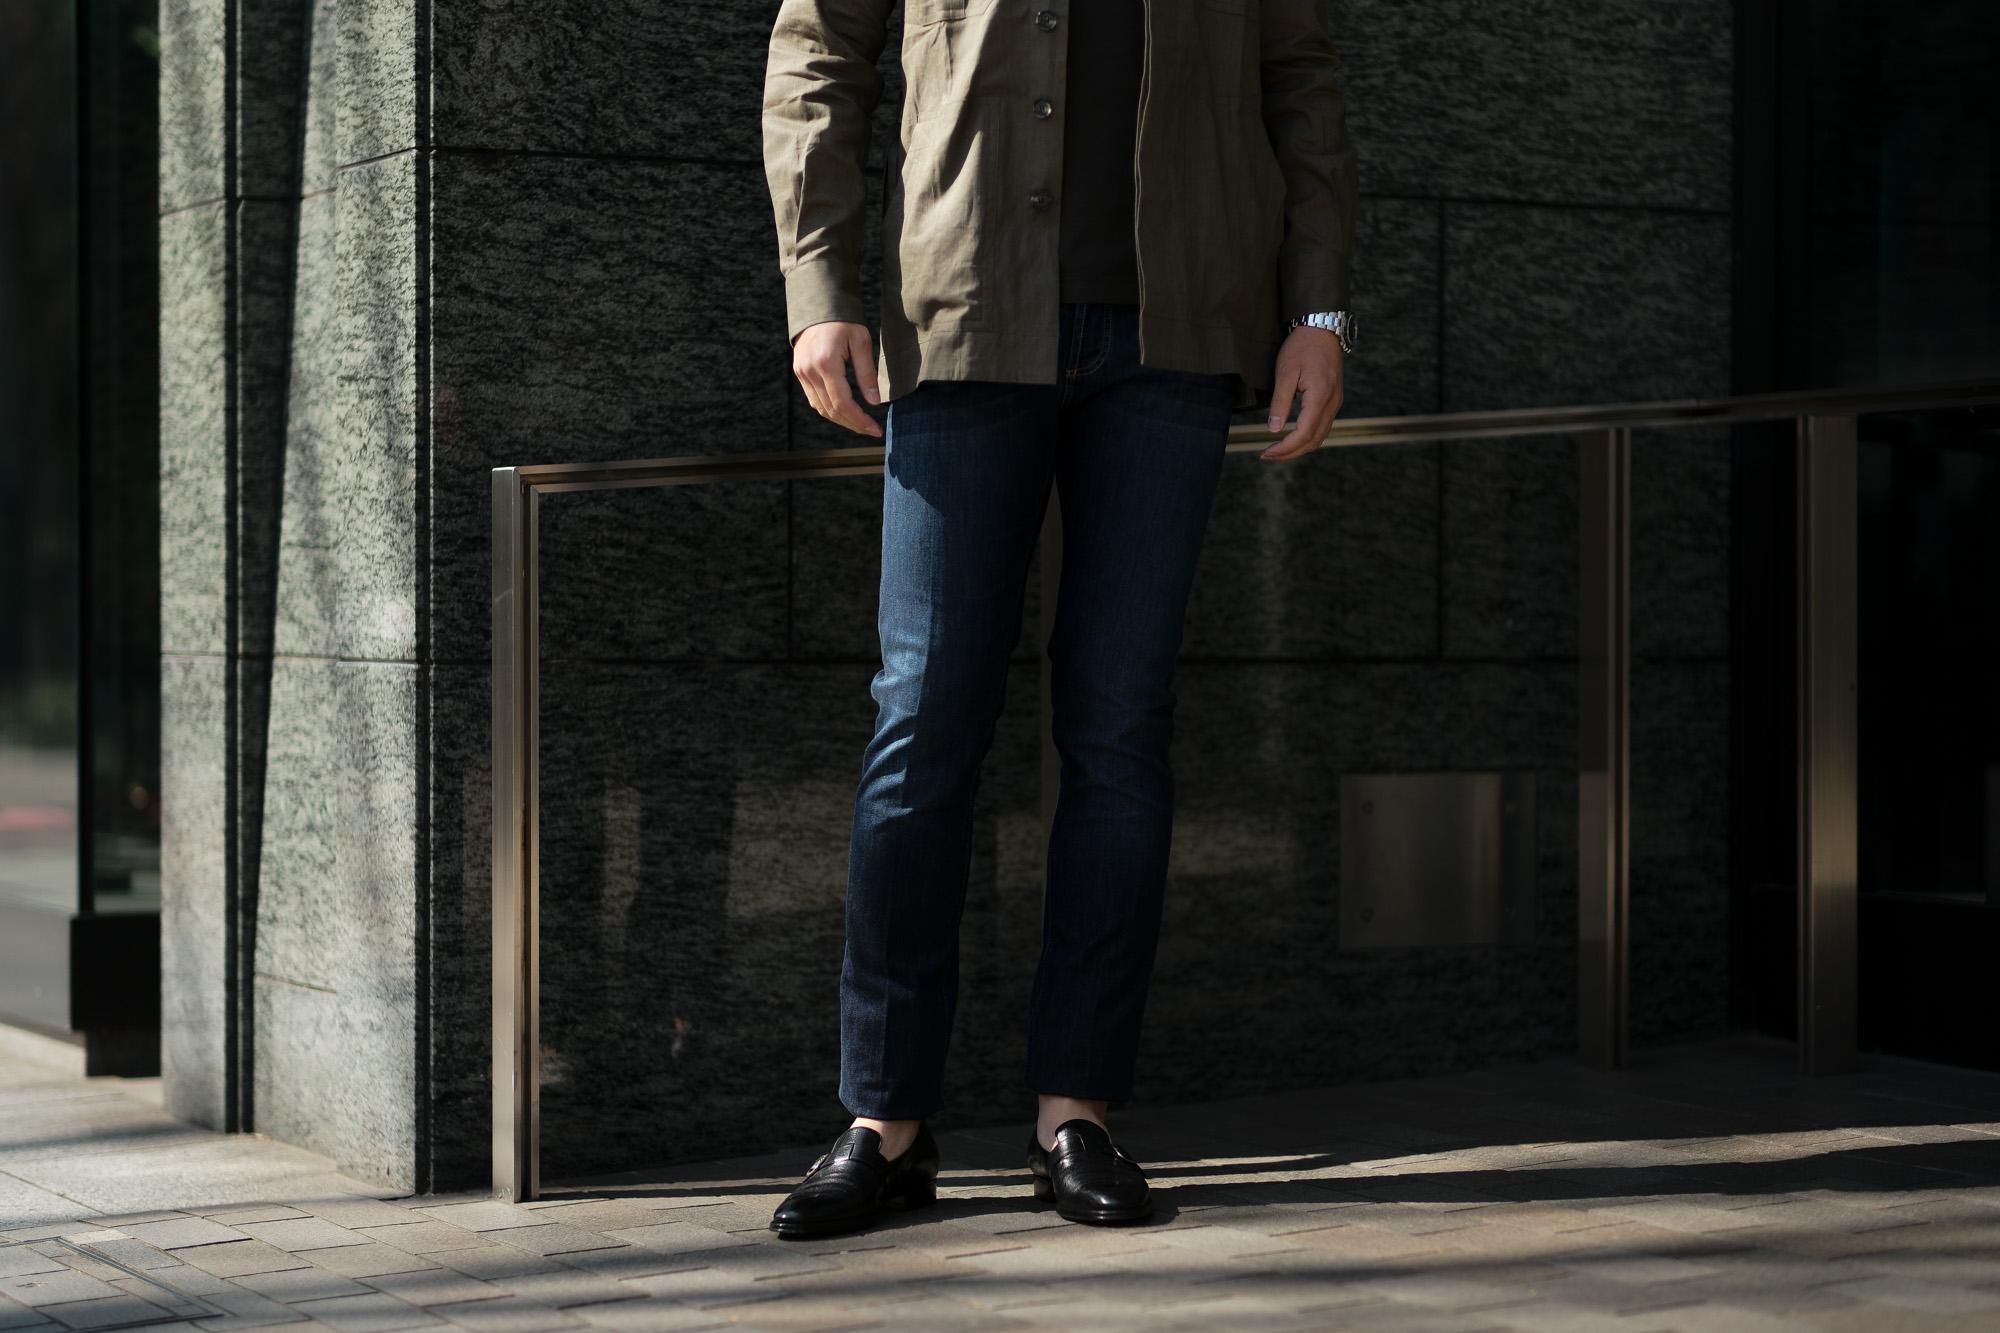 RICHARD J.BROWN(リチャードジェイブラウン) TOKYO(トウキョウ) T41 W209 CF BGG ストレッチ デニム パンツ   BLUE(ブルー) MADE IN ITALY (イタリア製)  2020春夏新作 richardjbrown altoediritto アルトエデリット デニムパンツ ジーンズ